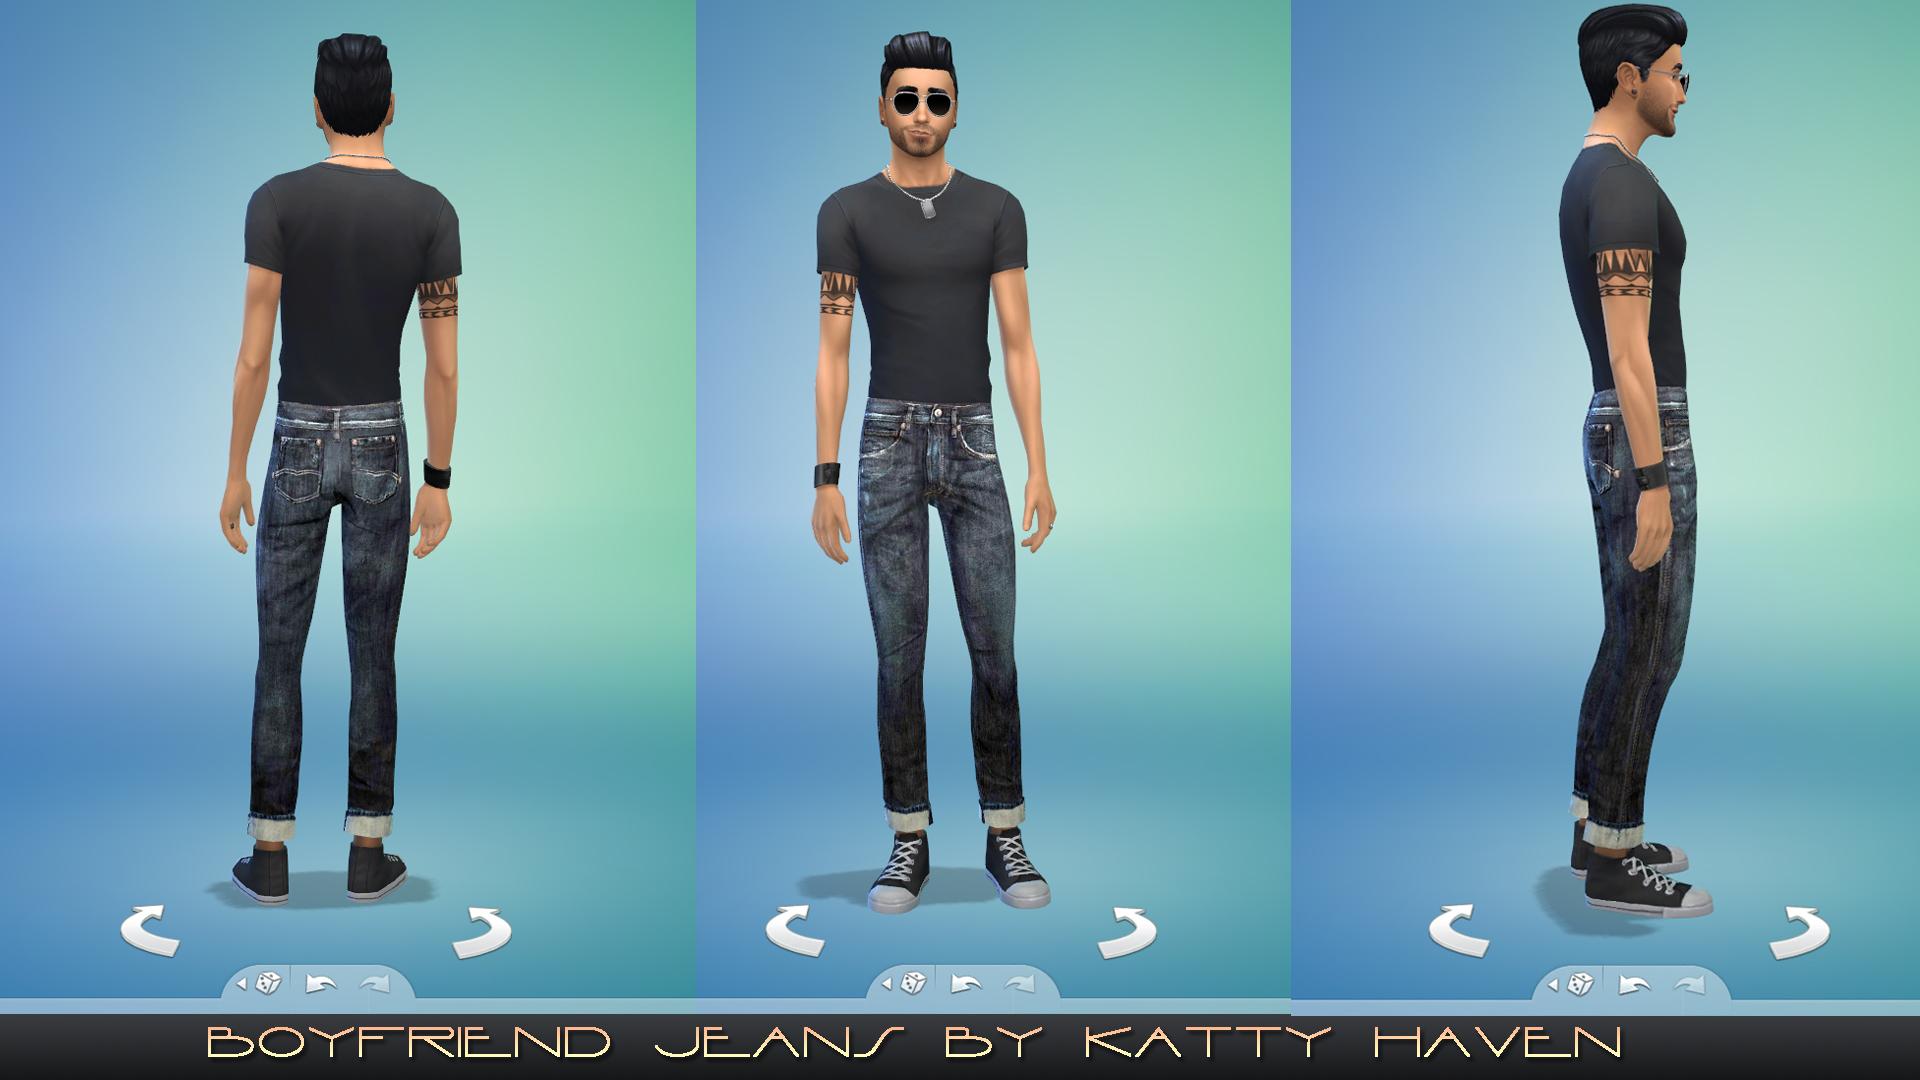 Mod The Sims - Boyfriend jeans for men